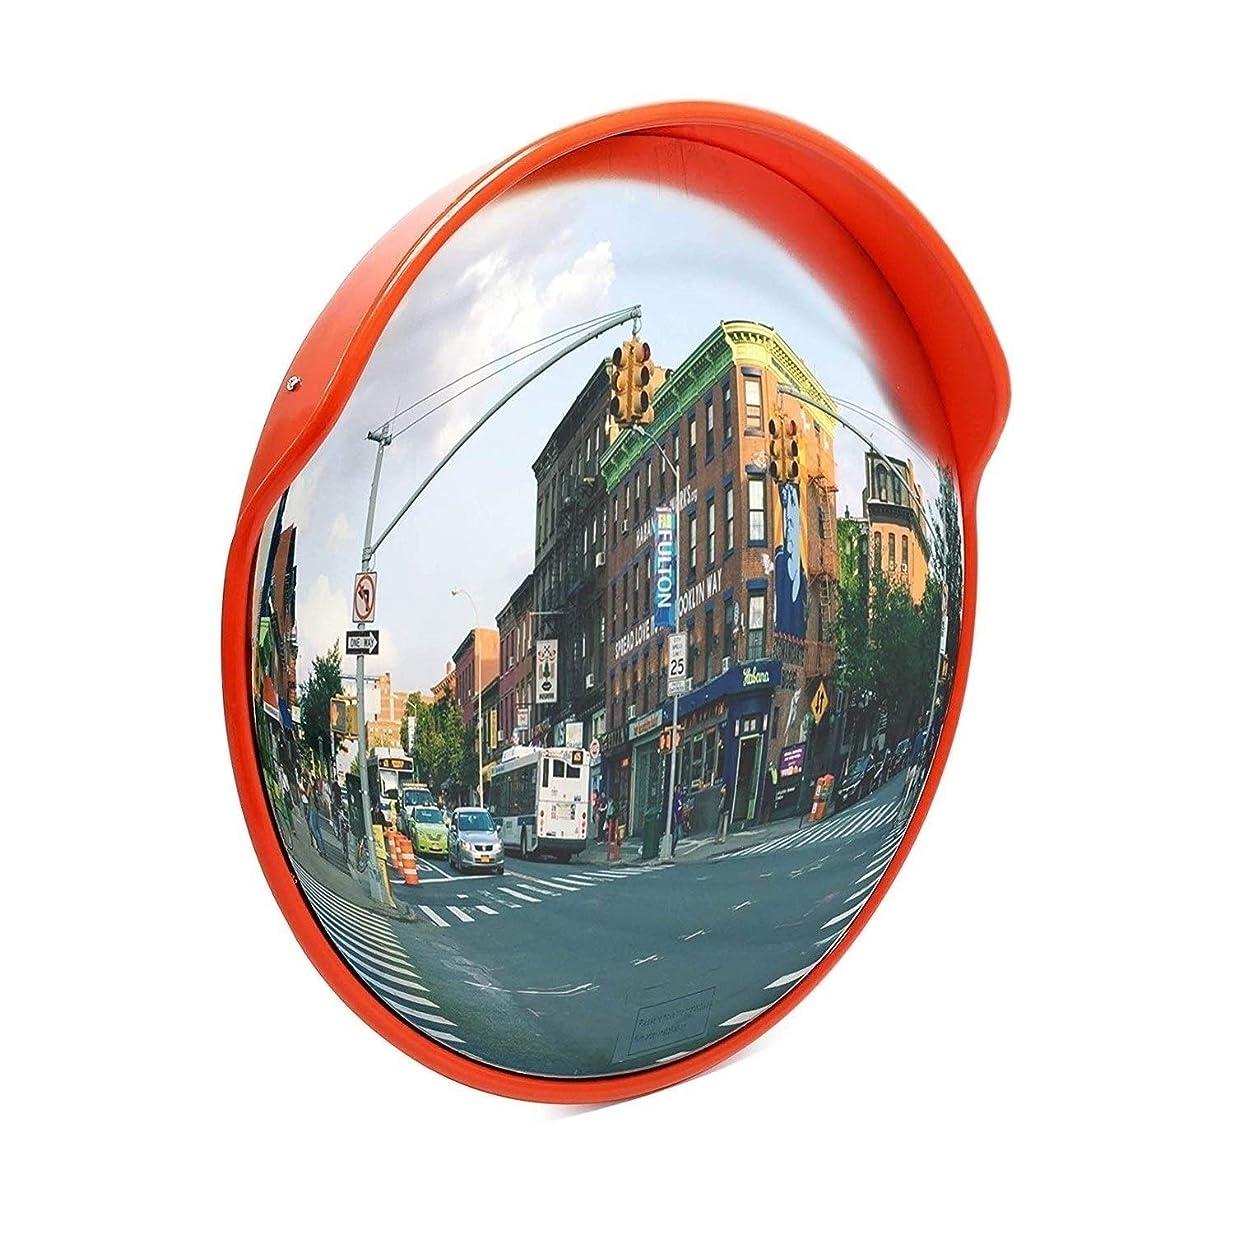 ピカソメダリスト経済的ZhanMaカーブミラー広角ビューを 45cm 60cm 80cm 100cm凸面鏡ラウンド交通道路交差点倉庫死角安全ミラー RGJ11-14 (Size : 60cm)